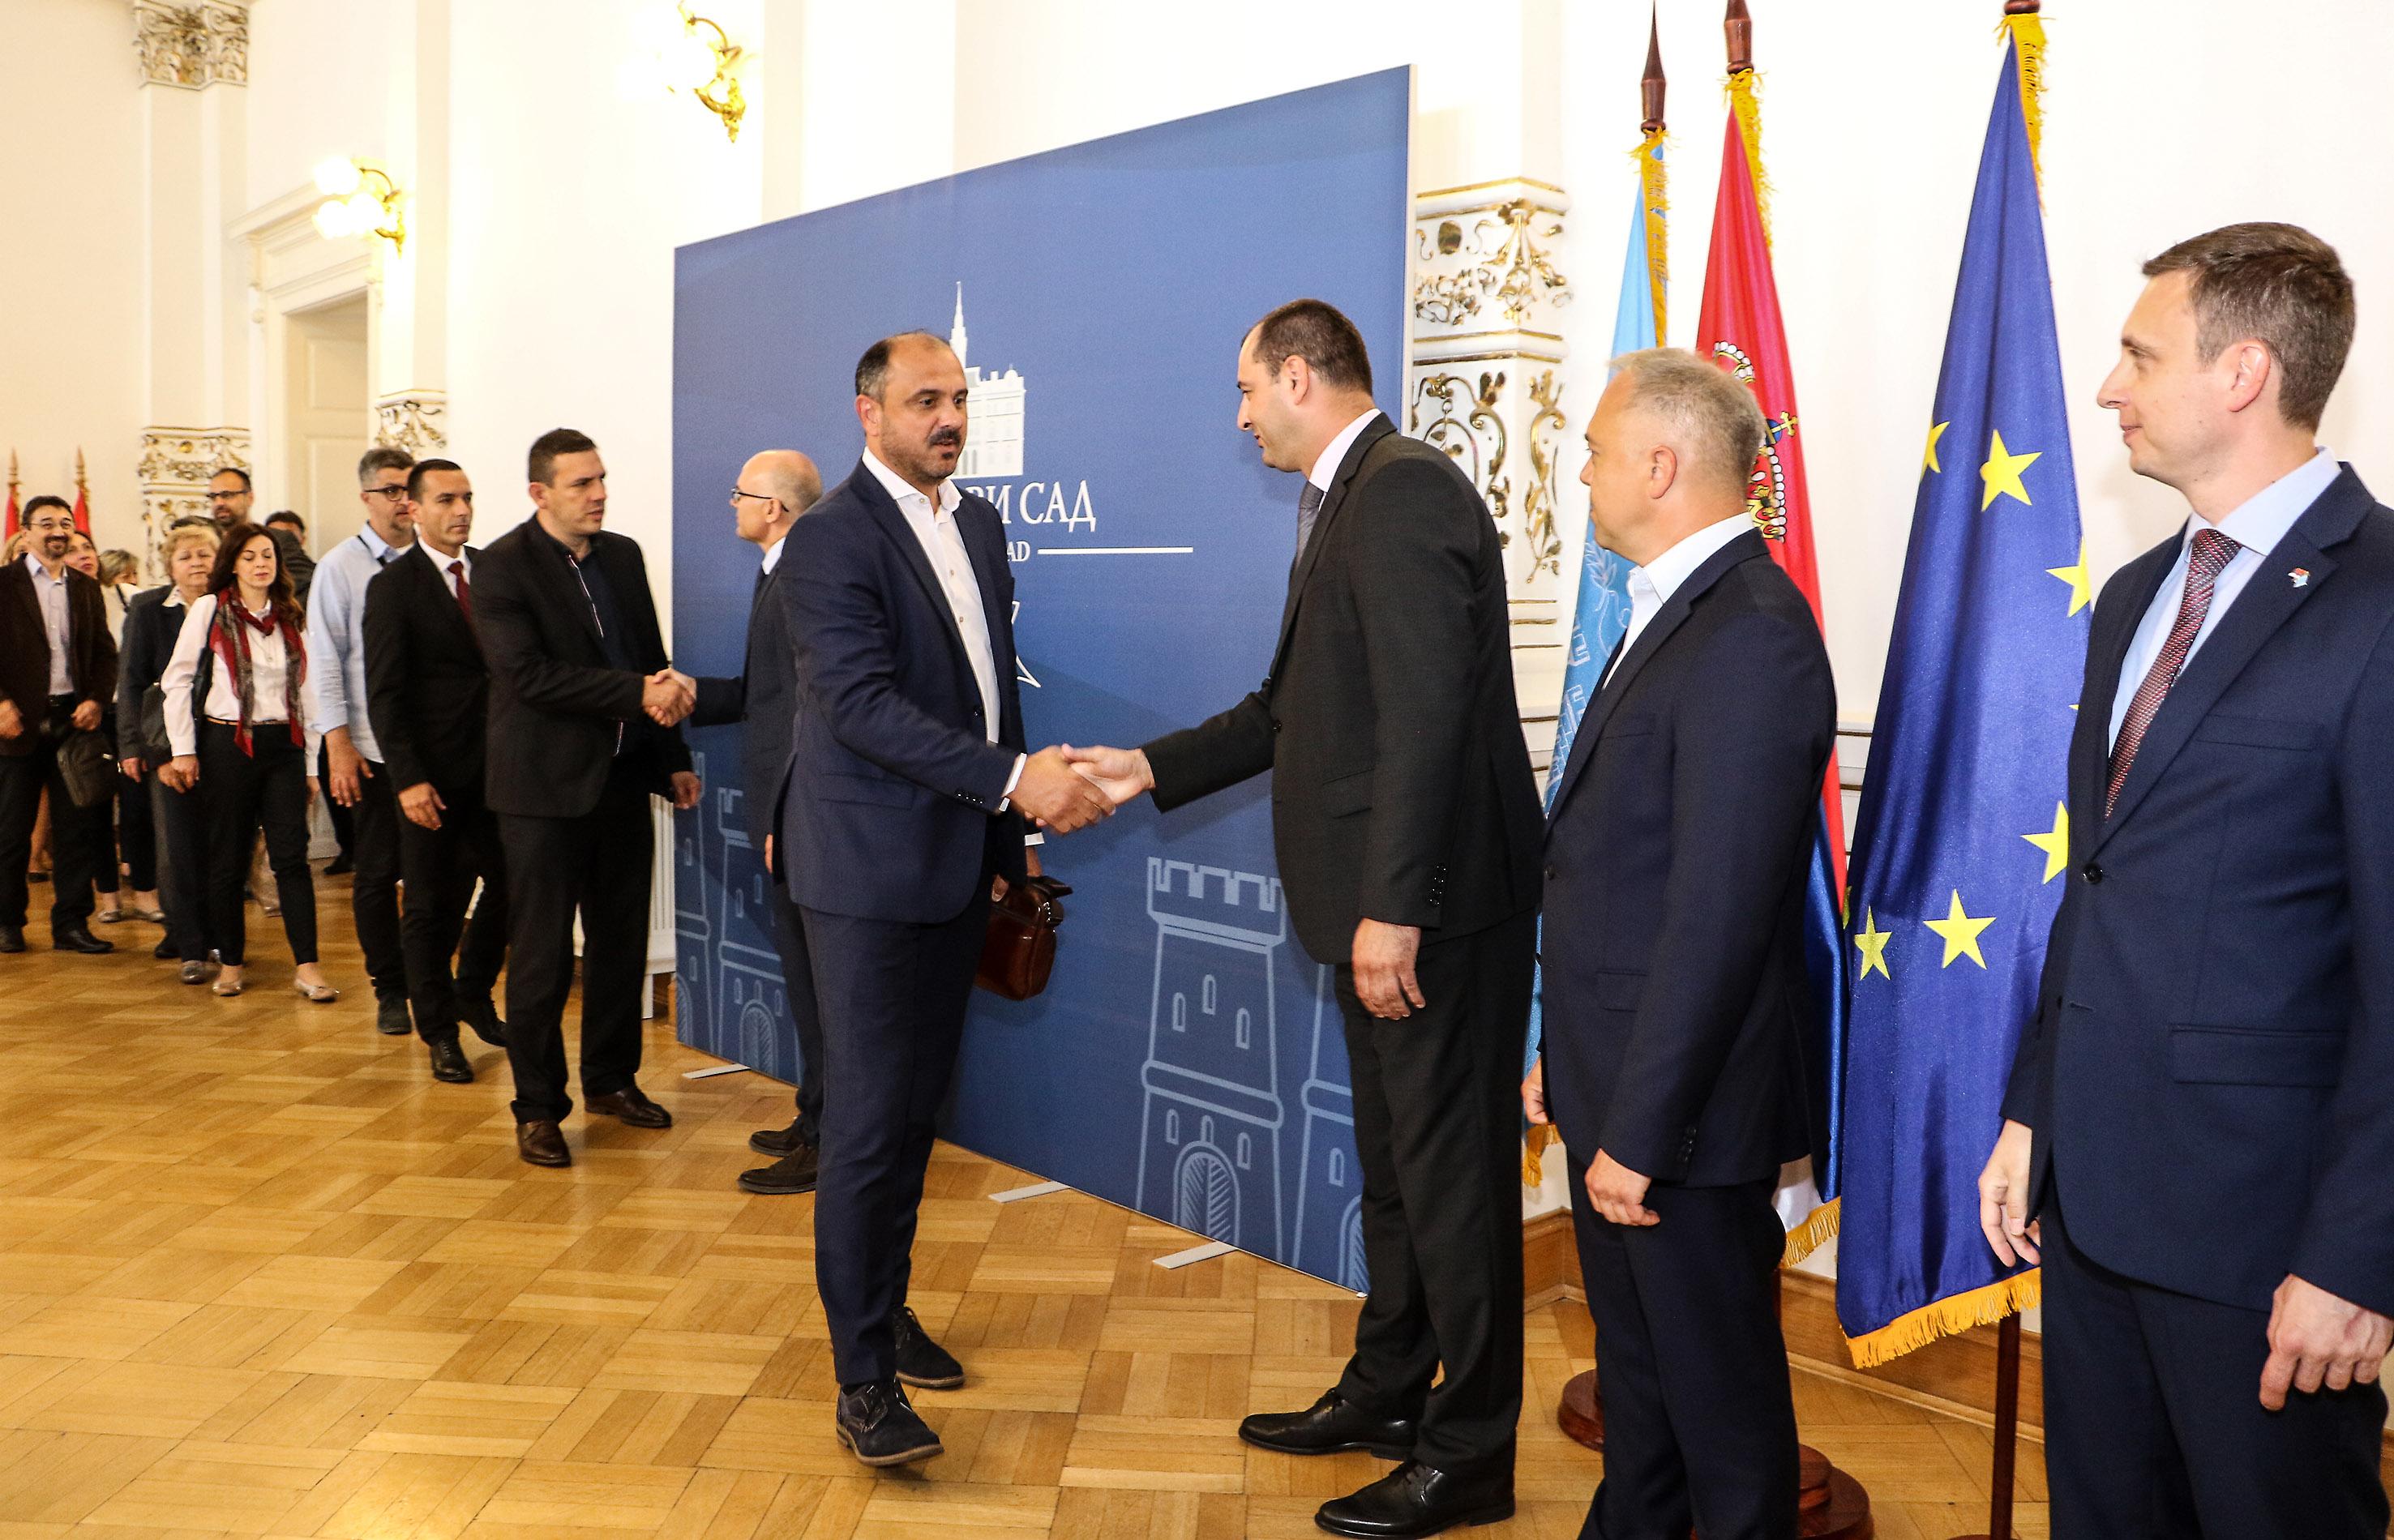 Градоначелник Новог Сада Милош Вучевић састао се у Градској кући